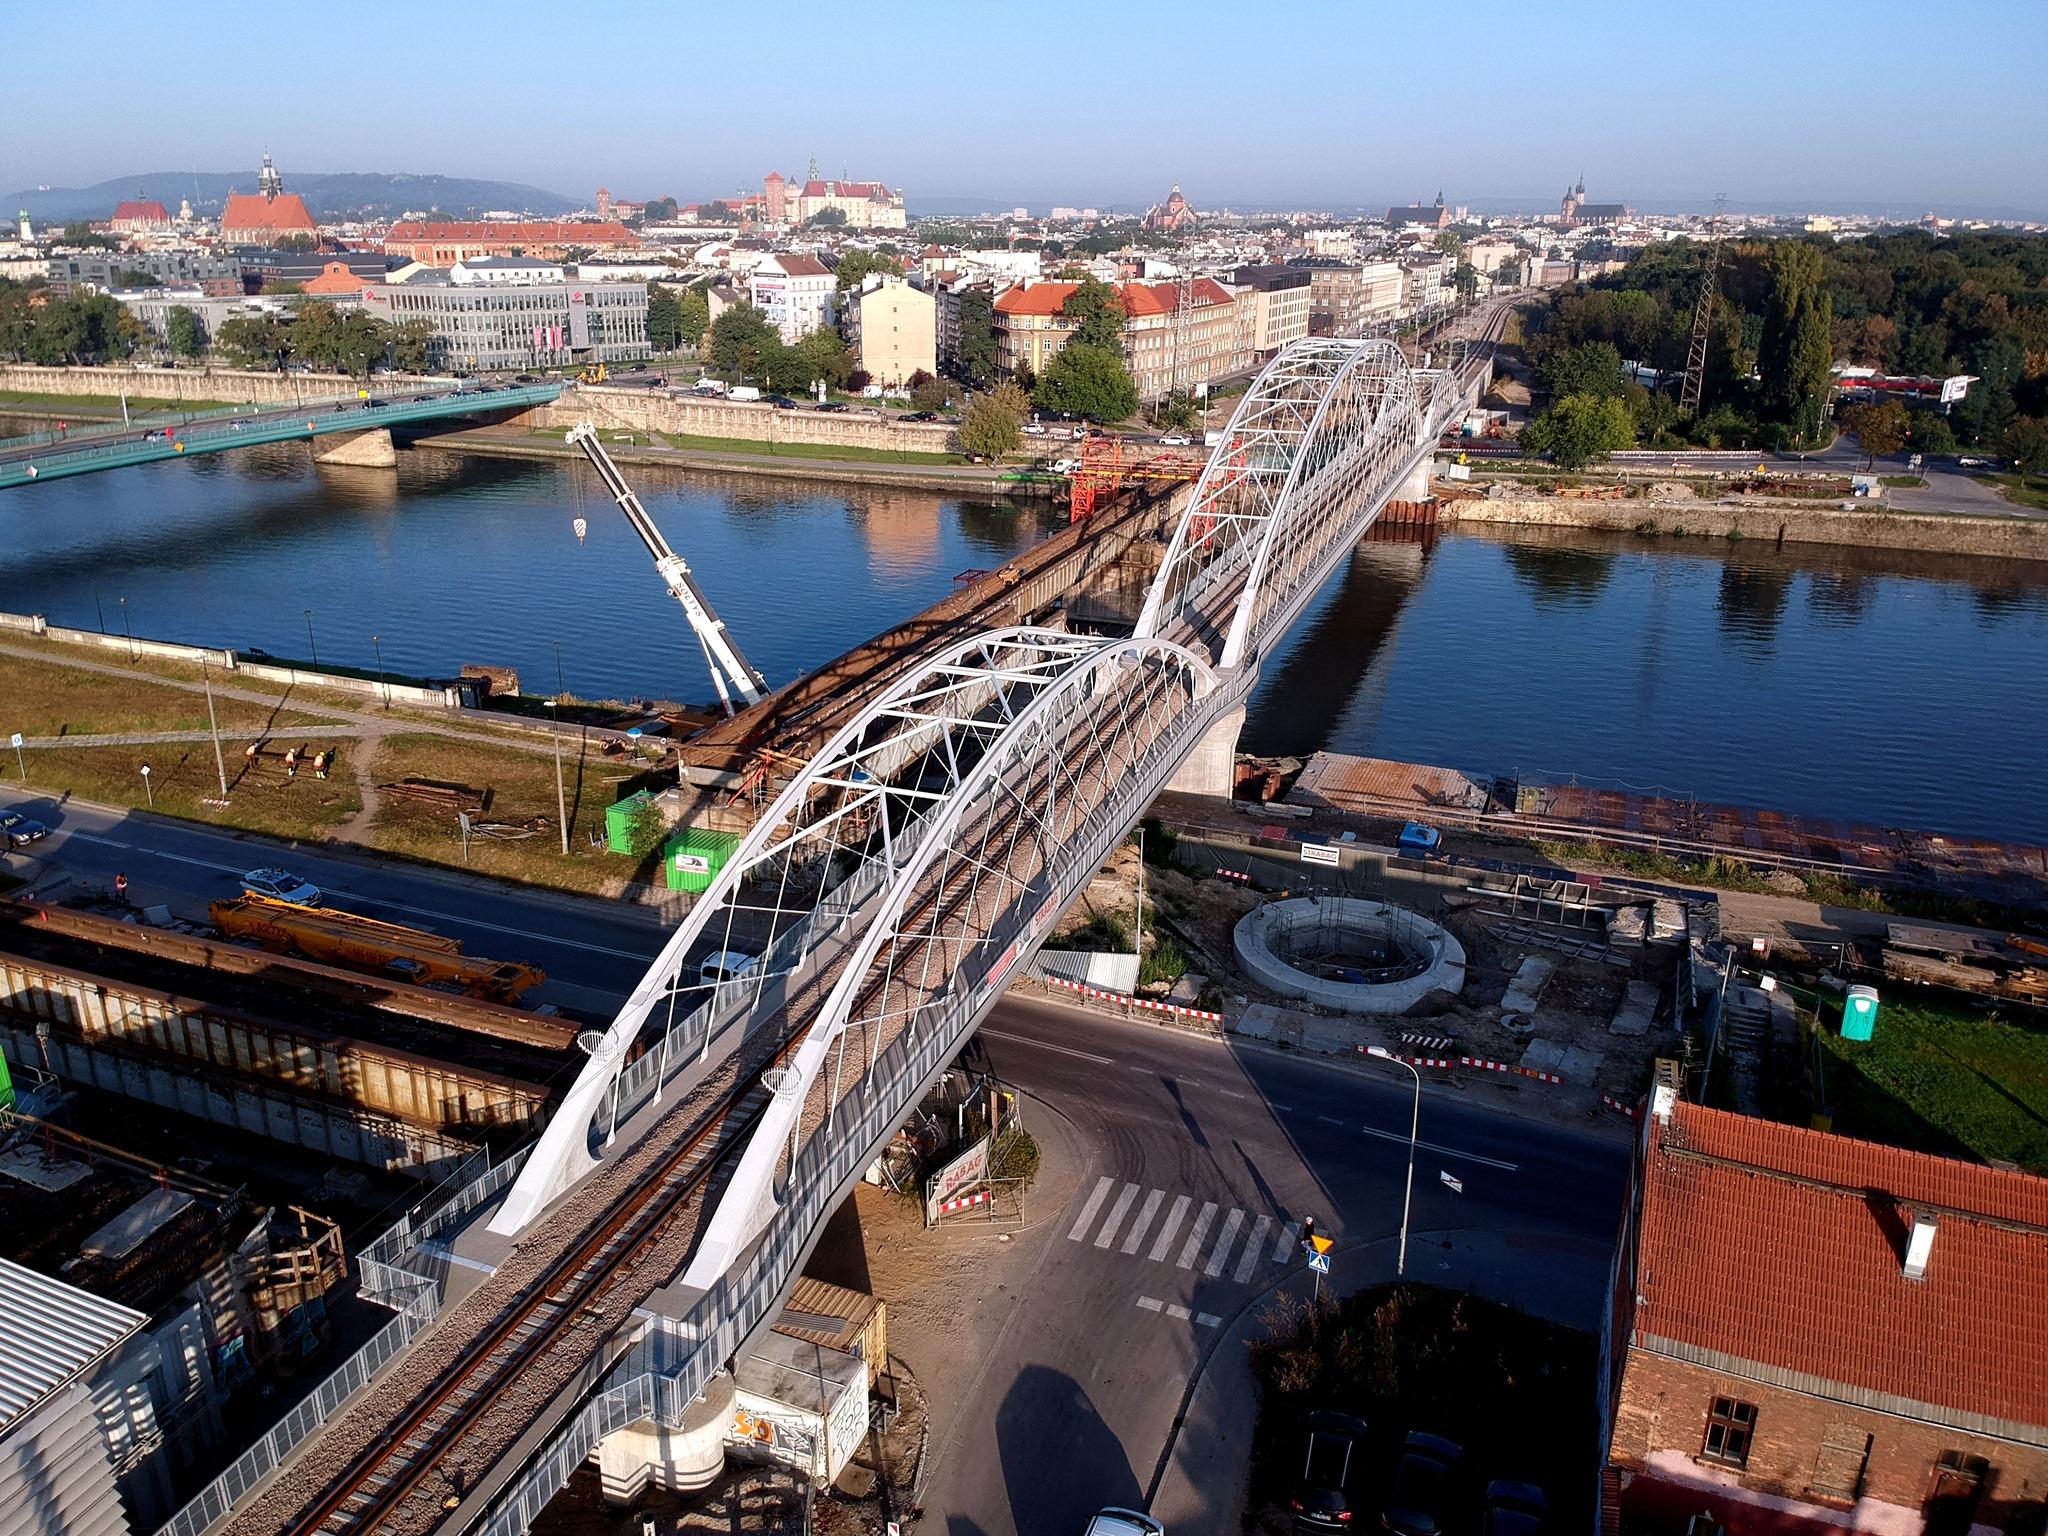 Zdjęcie z powietrza przedstawiające nowy most kolejowy na Wiśle w Krakowie